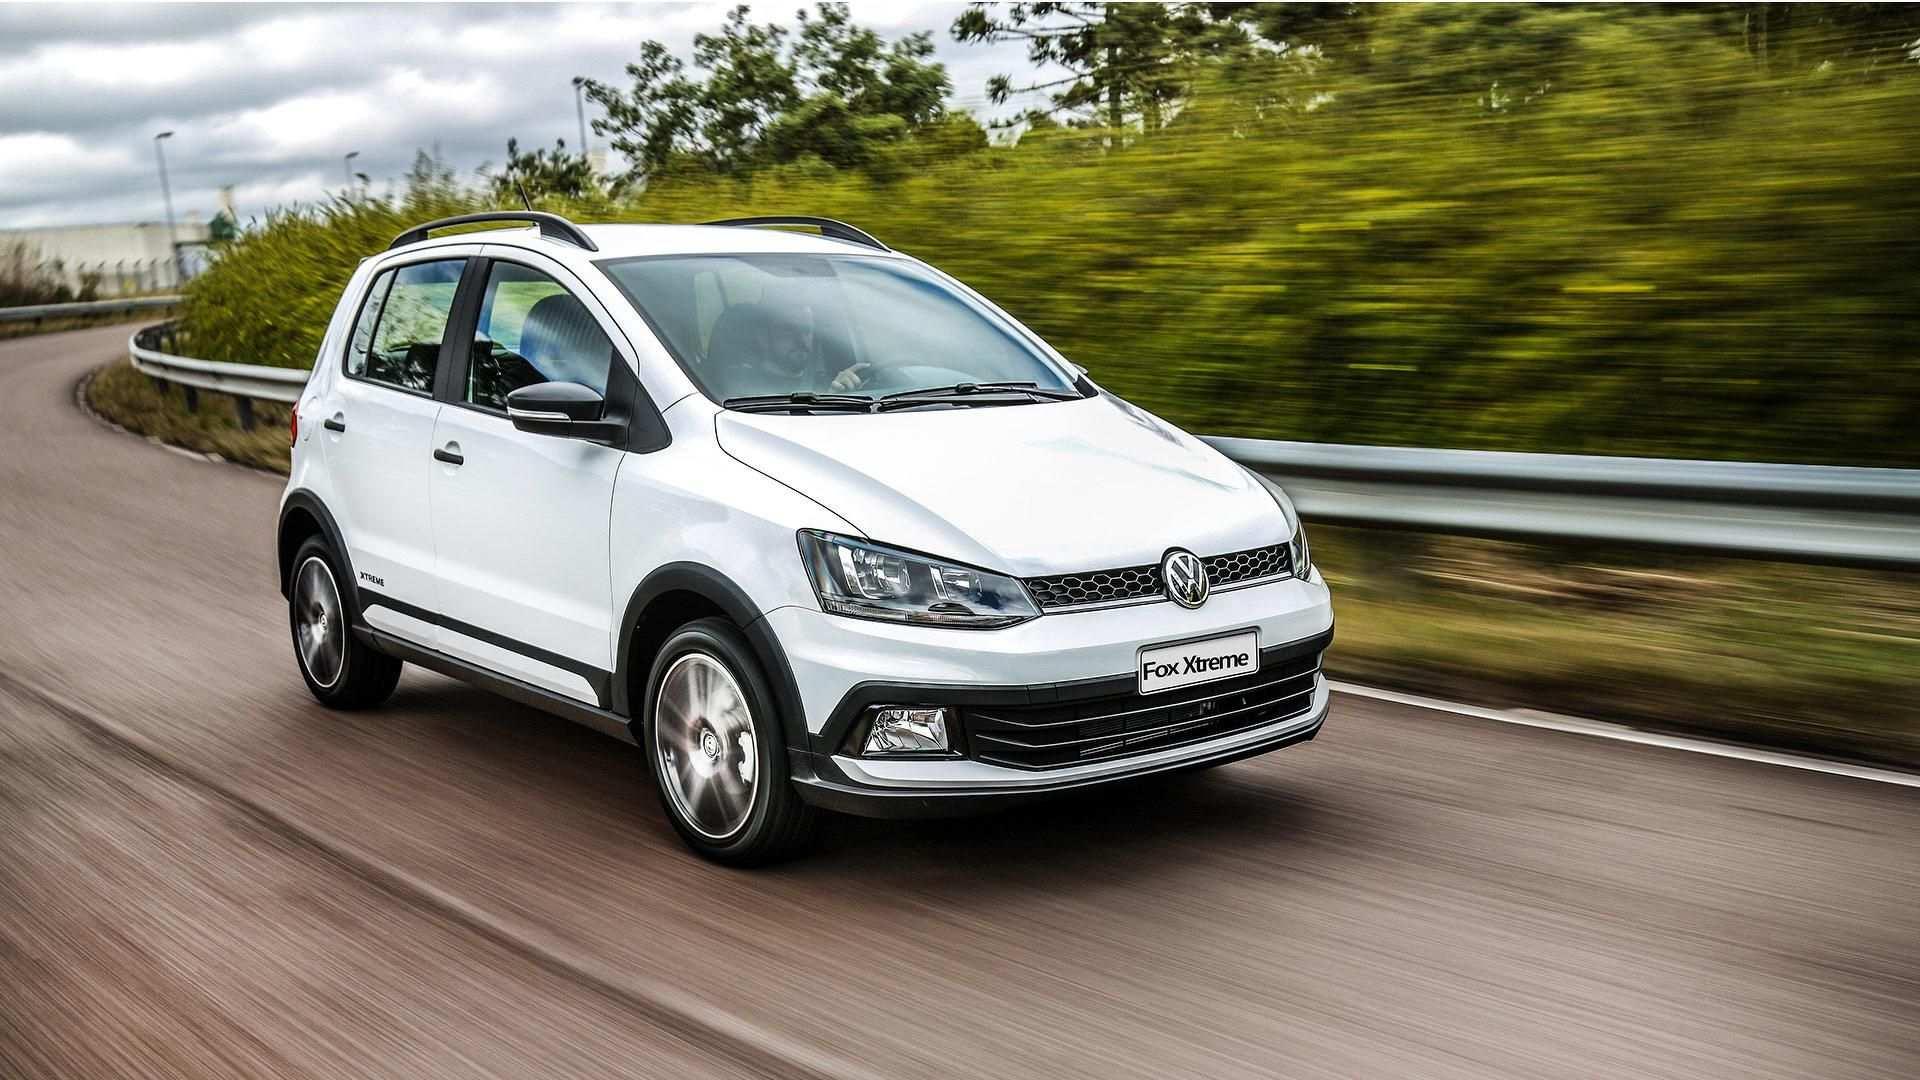 61 Gallery of Volkswagen Linha 2020 Ratings for Volkswagen Linha 2020